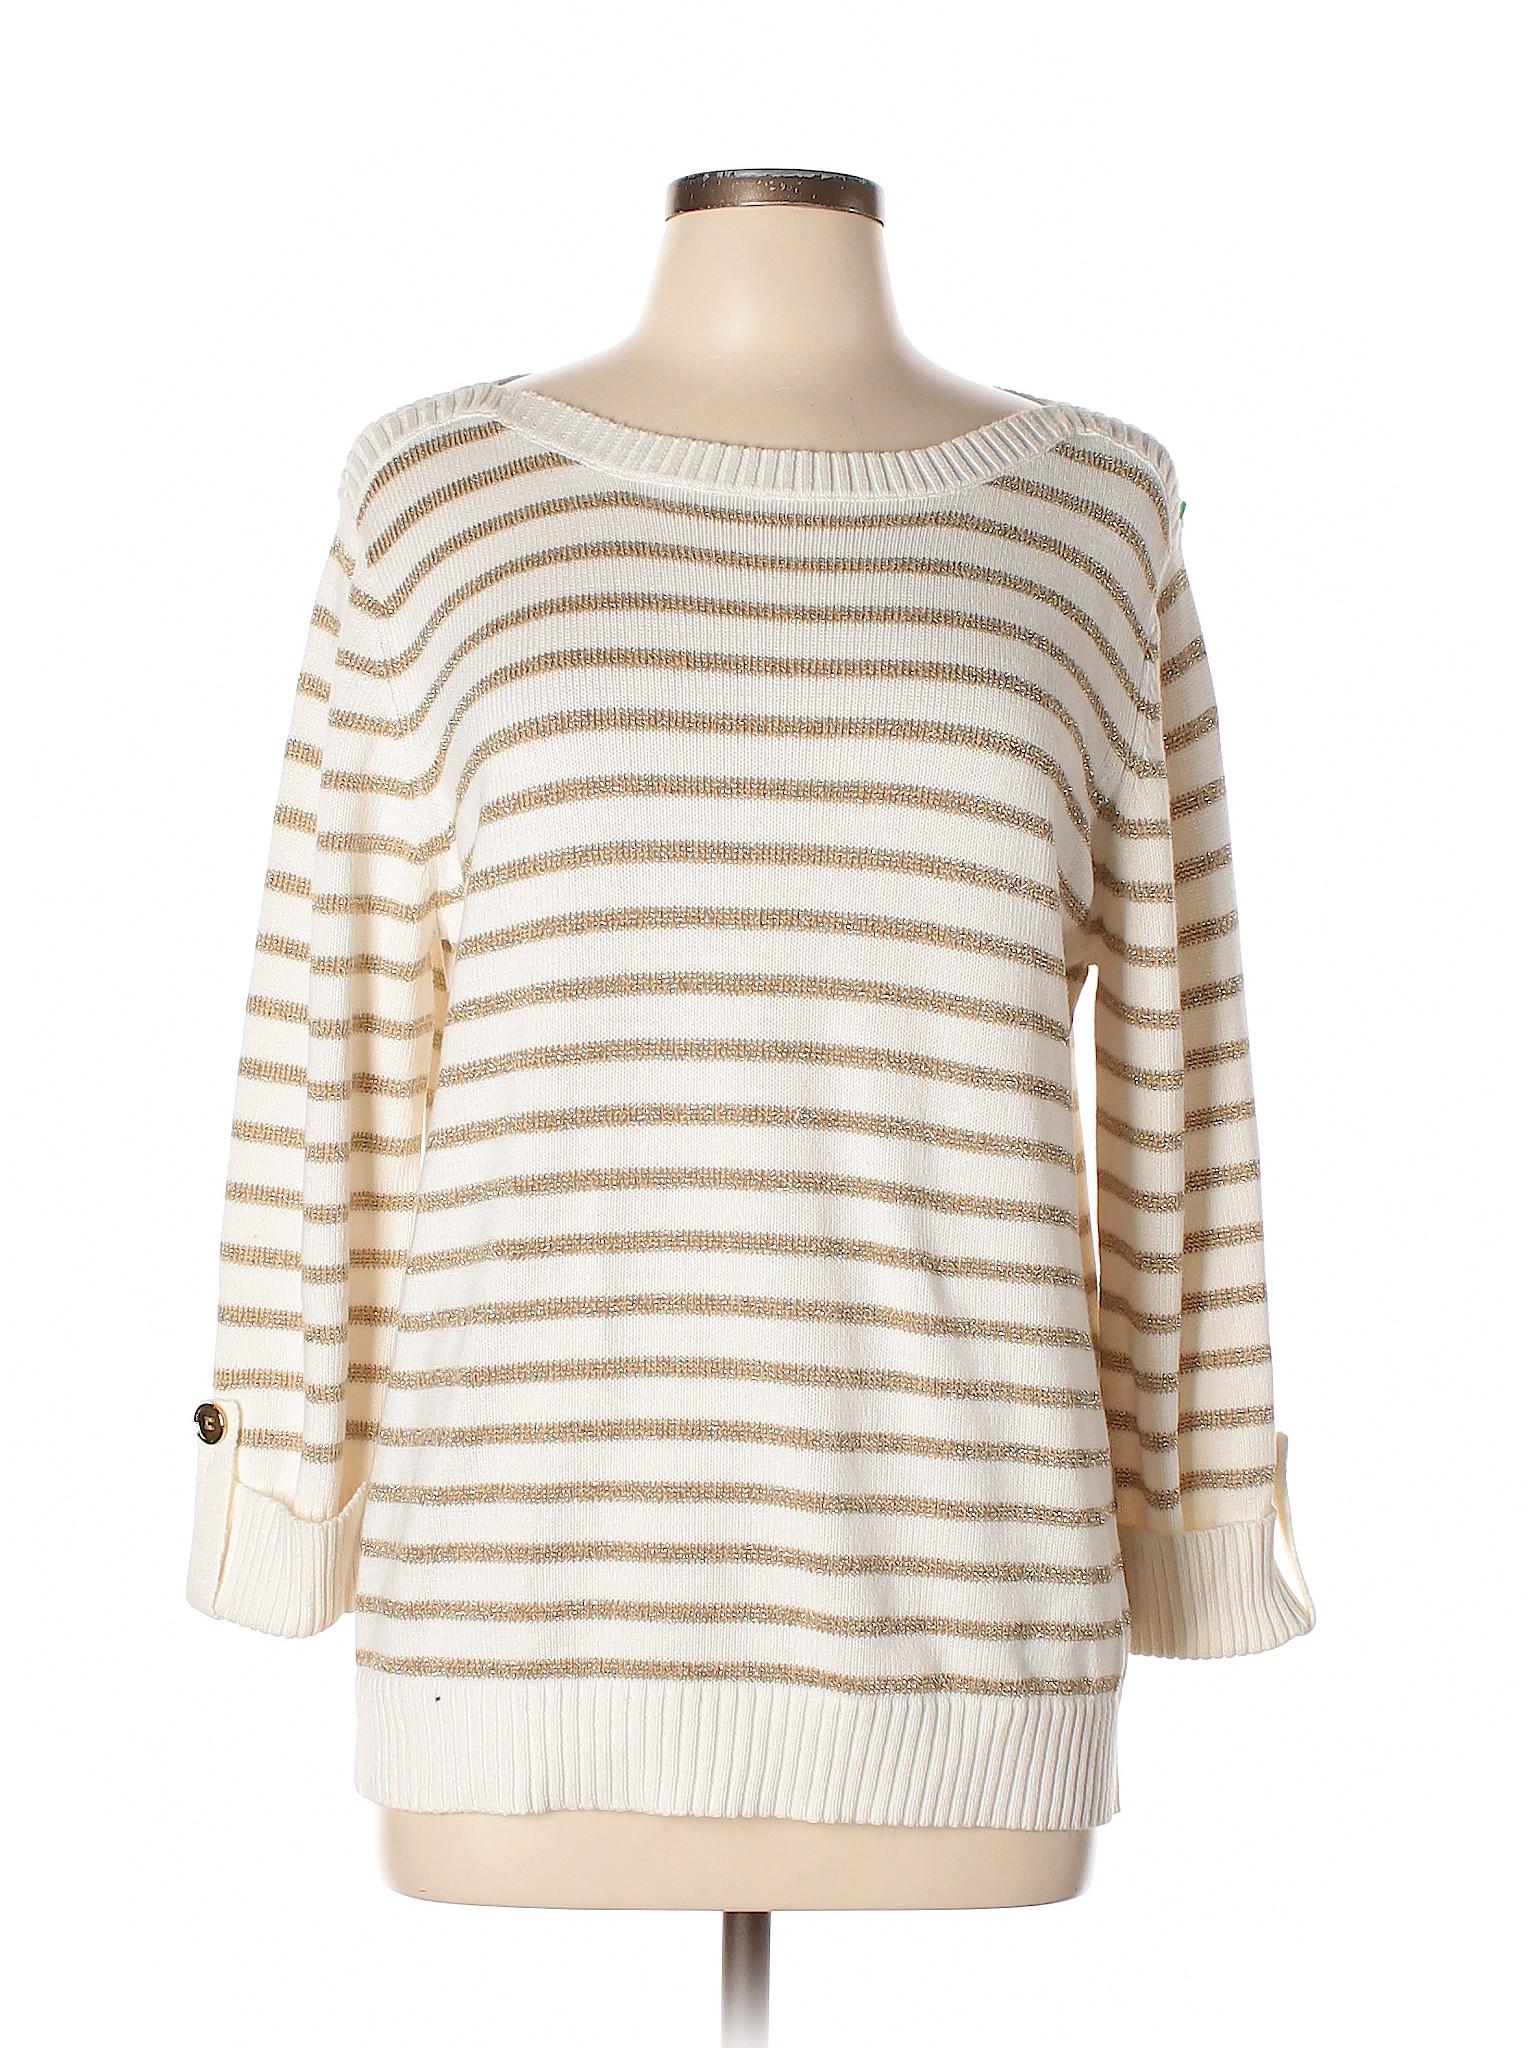 winter Sweater Pullover Boutique Karen Scott zx88gS